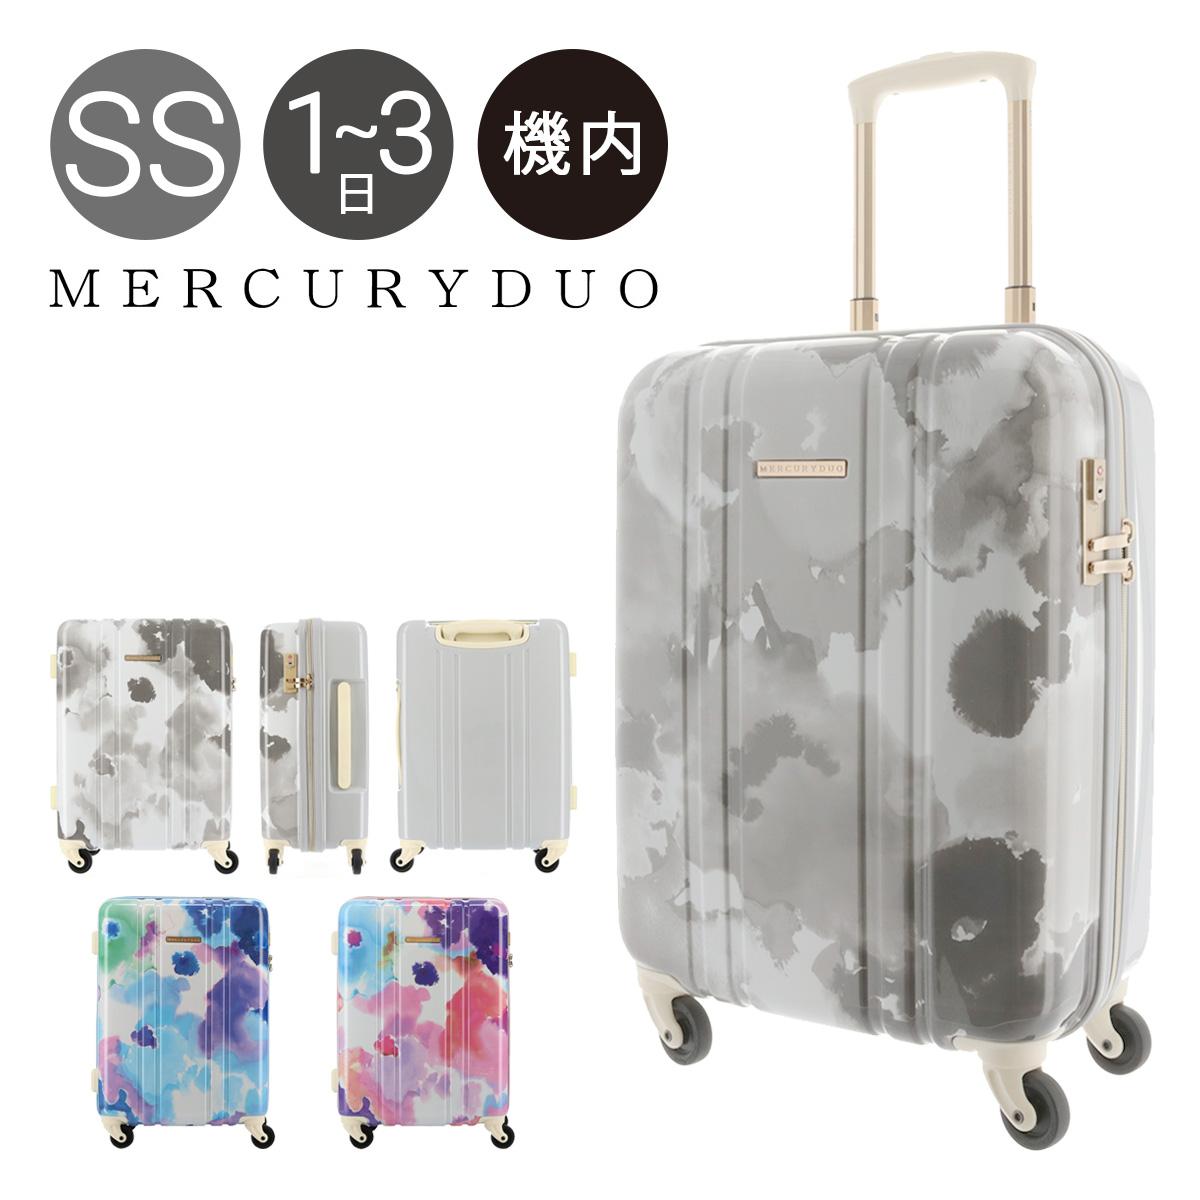 マーキュリーデュオ スーツケース 37L 48cm 2.9kg ハード ファスナー 機内持ち込み レディース MD-0793-48 MERCURYDUO   キャリーケース[bef][即日発送]